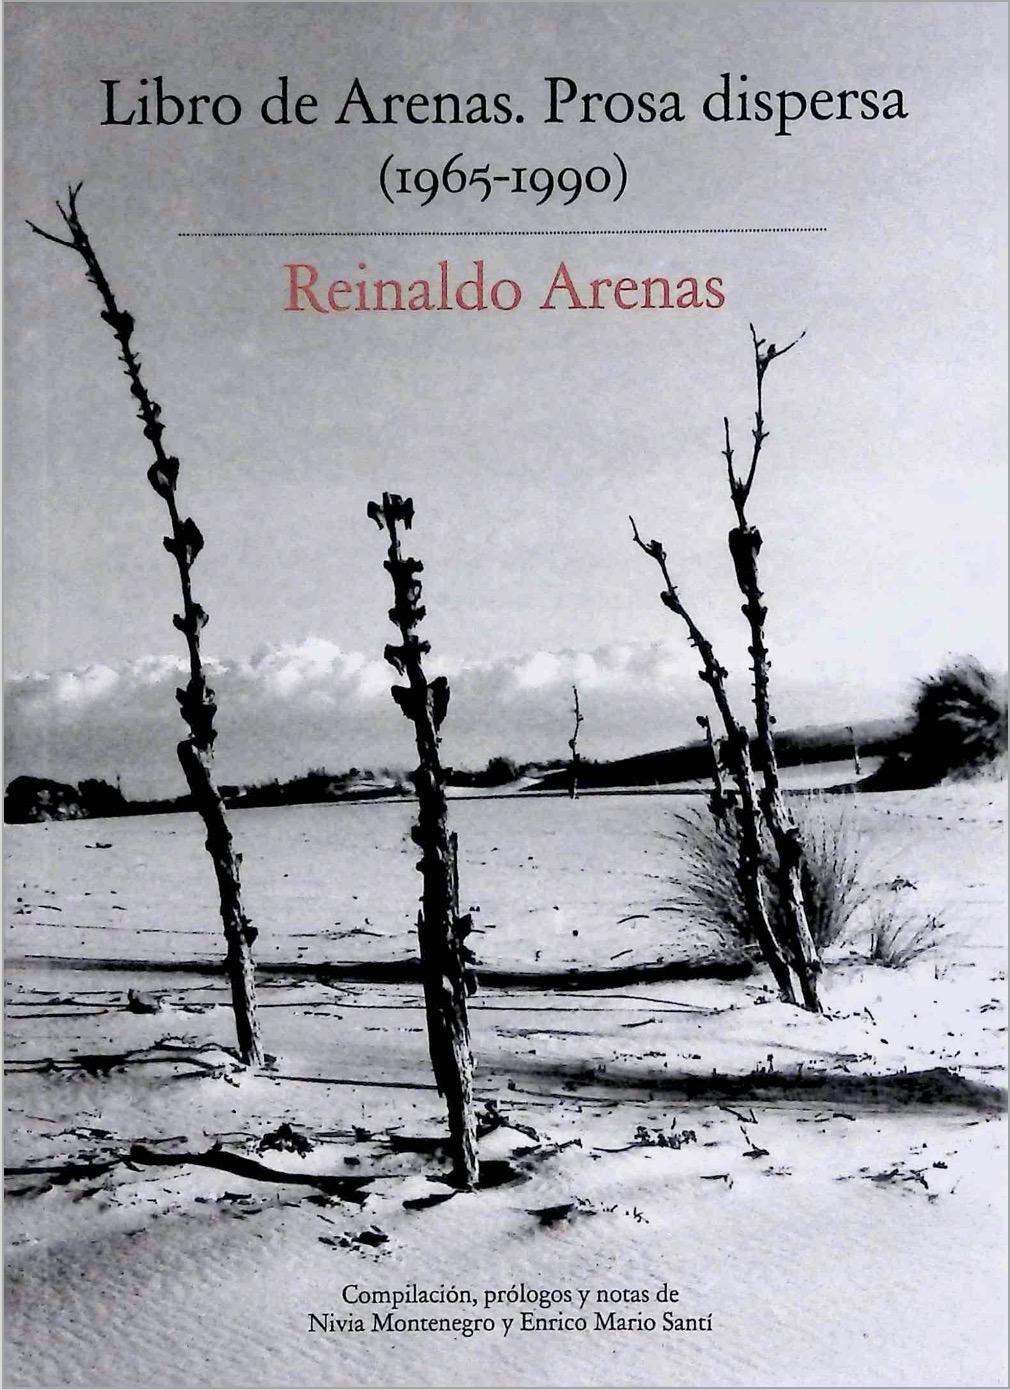 Arenas, Reinaldo - Libro de arenas. Prosa dispersa (1965 - 1990) pdf